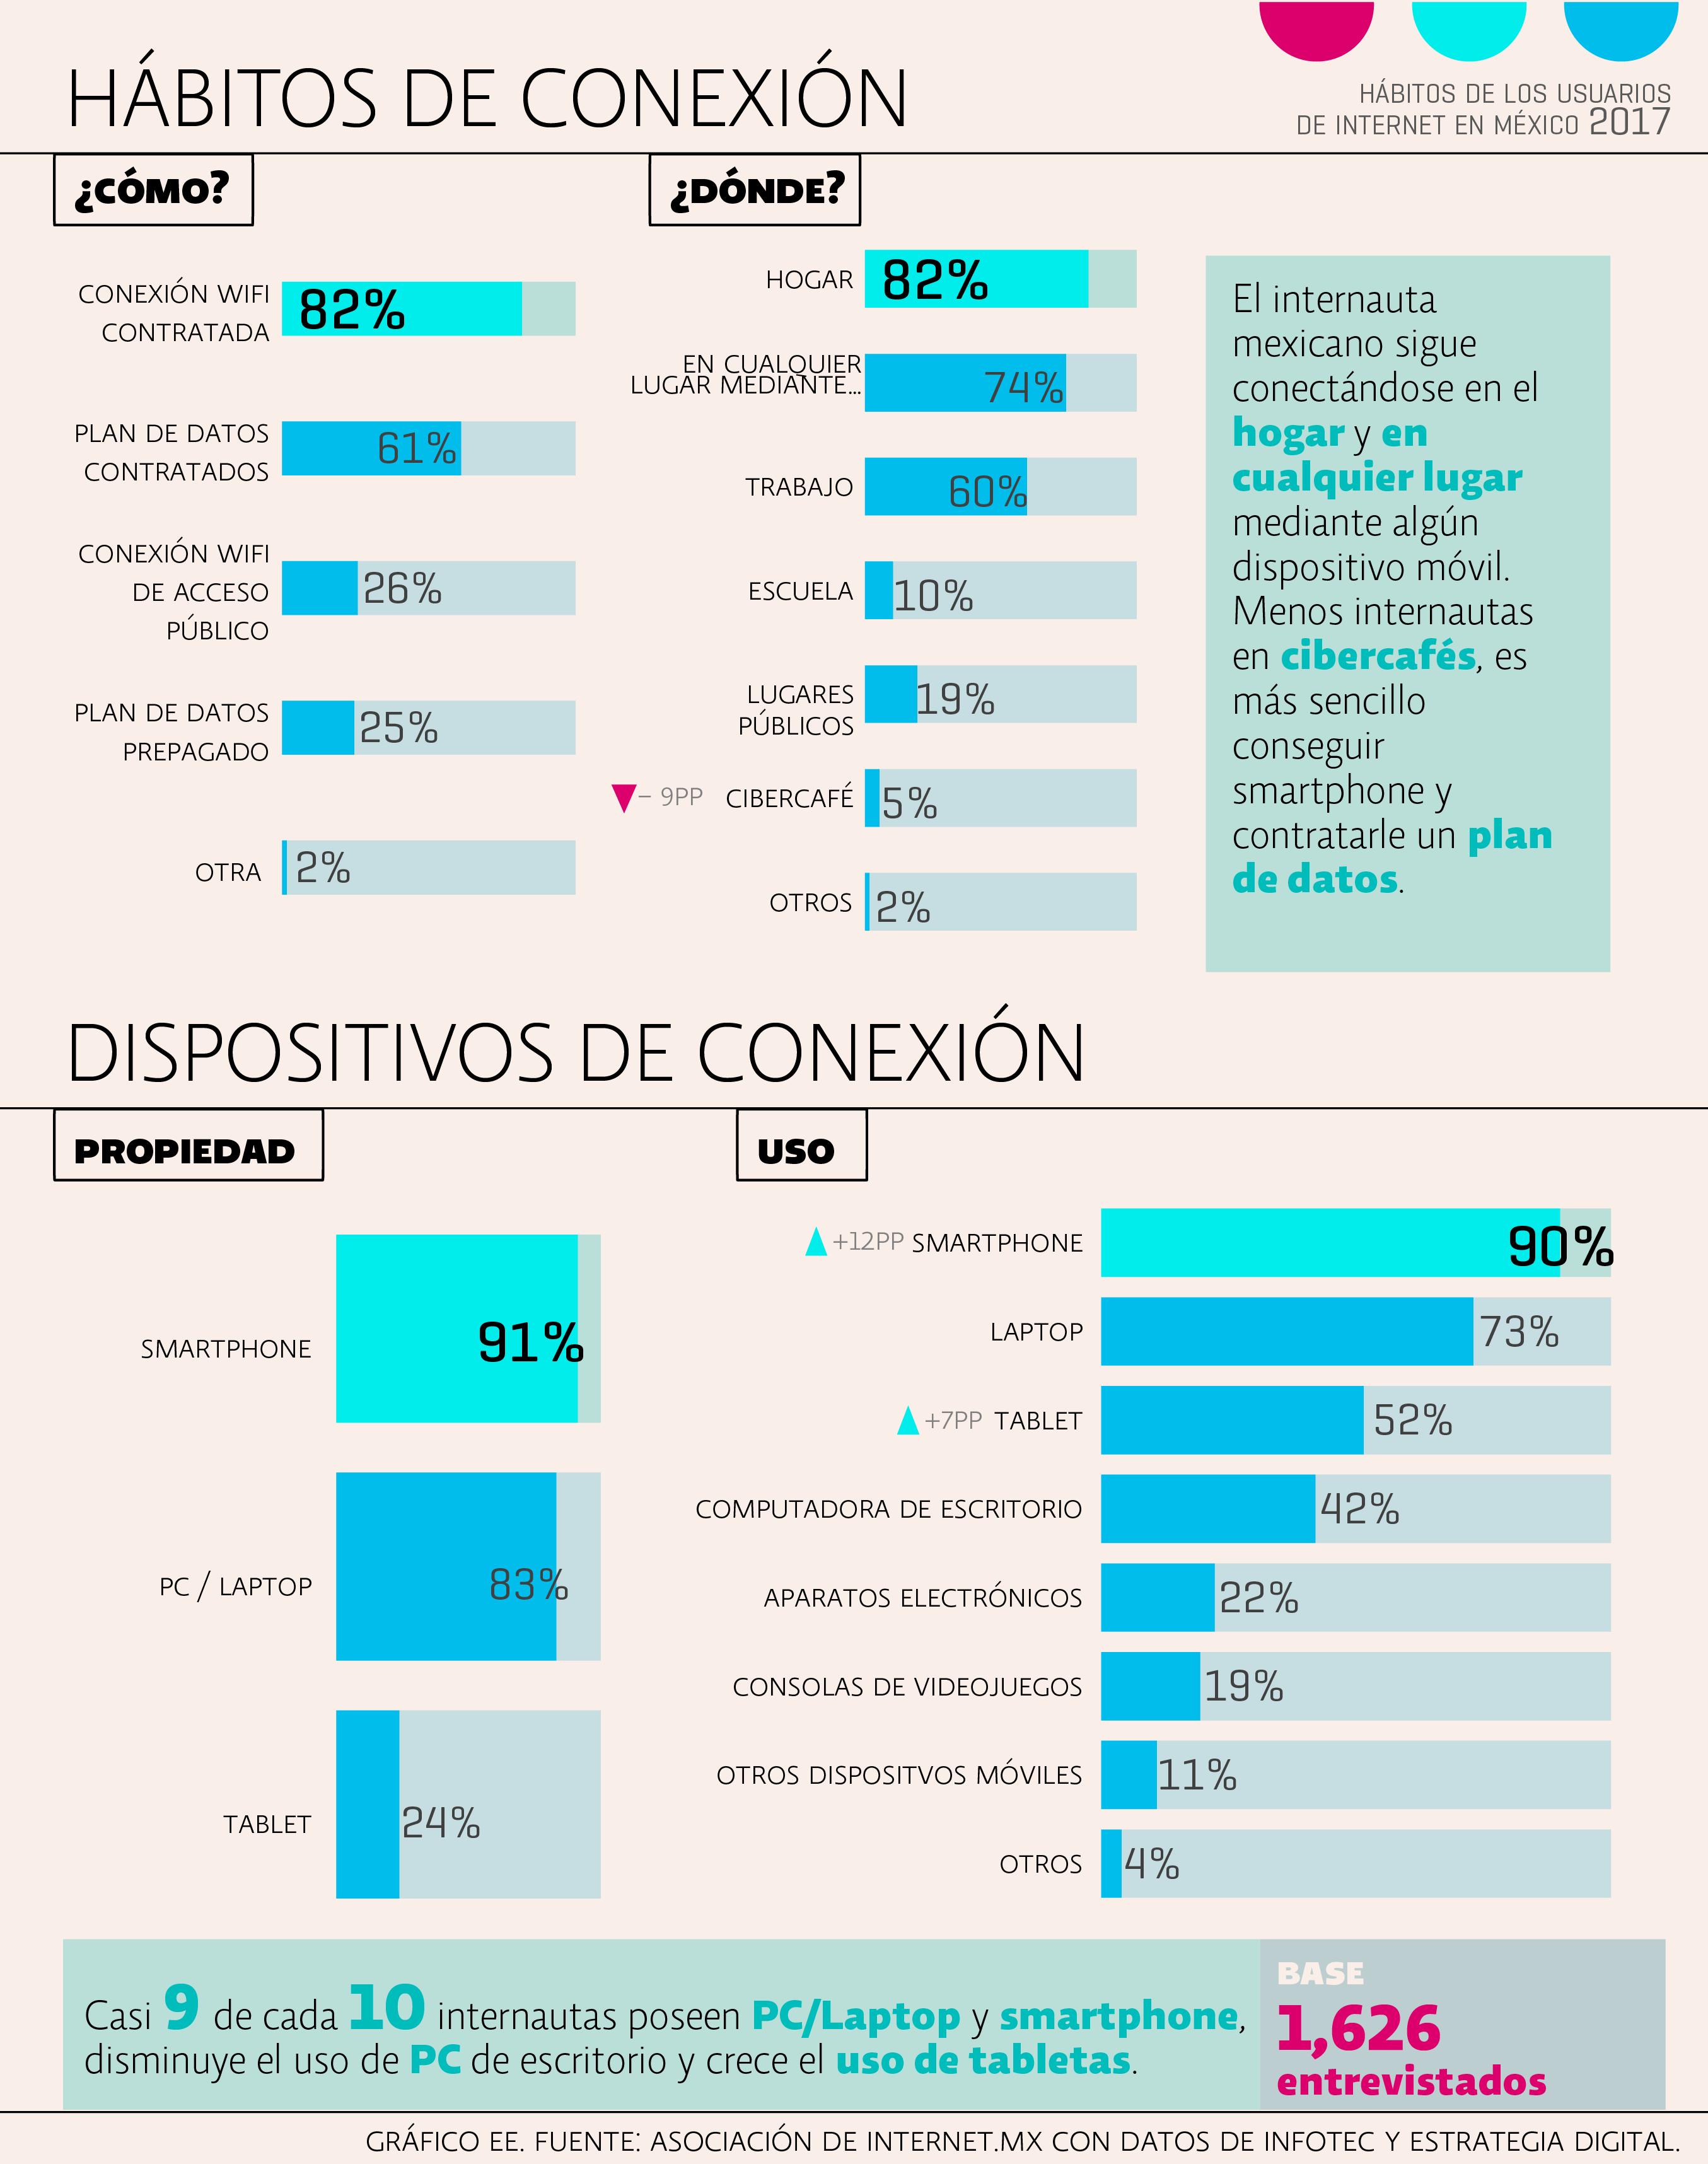 7 datos importantes sobre el comportamiento de los internautas mexicanos en 2017